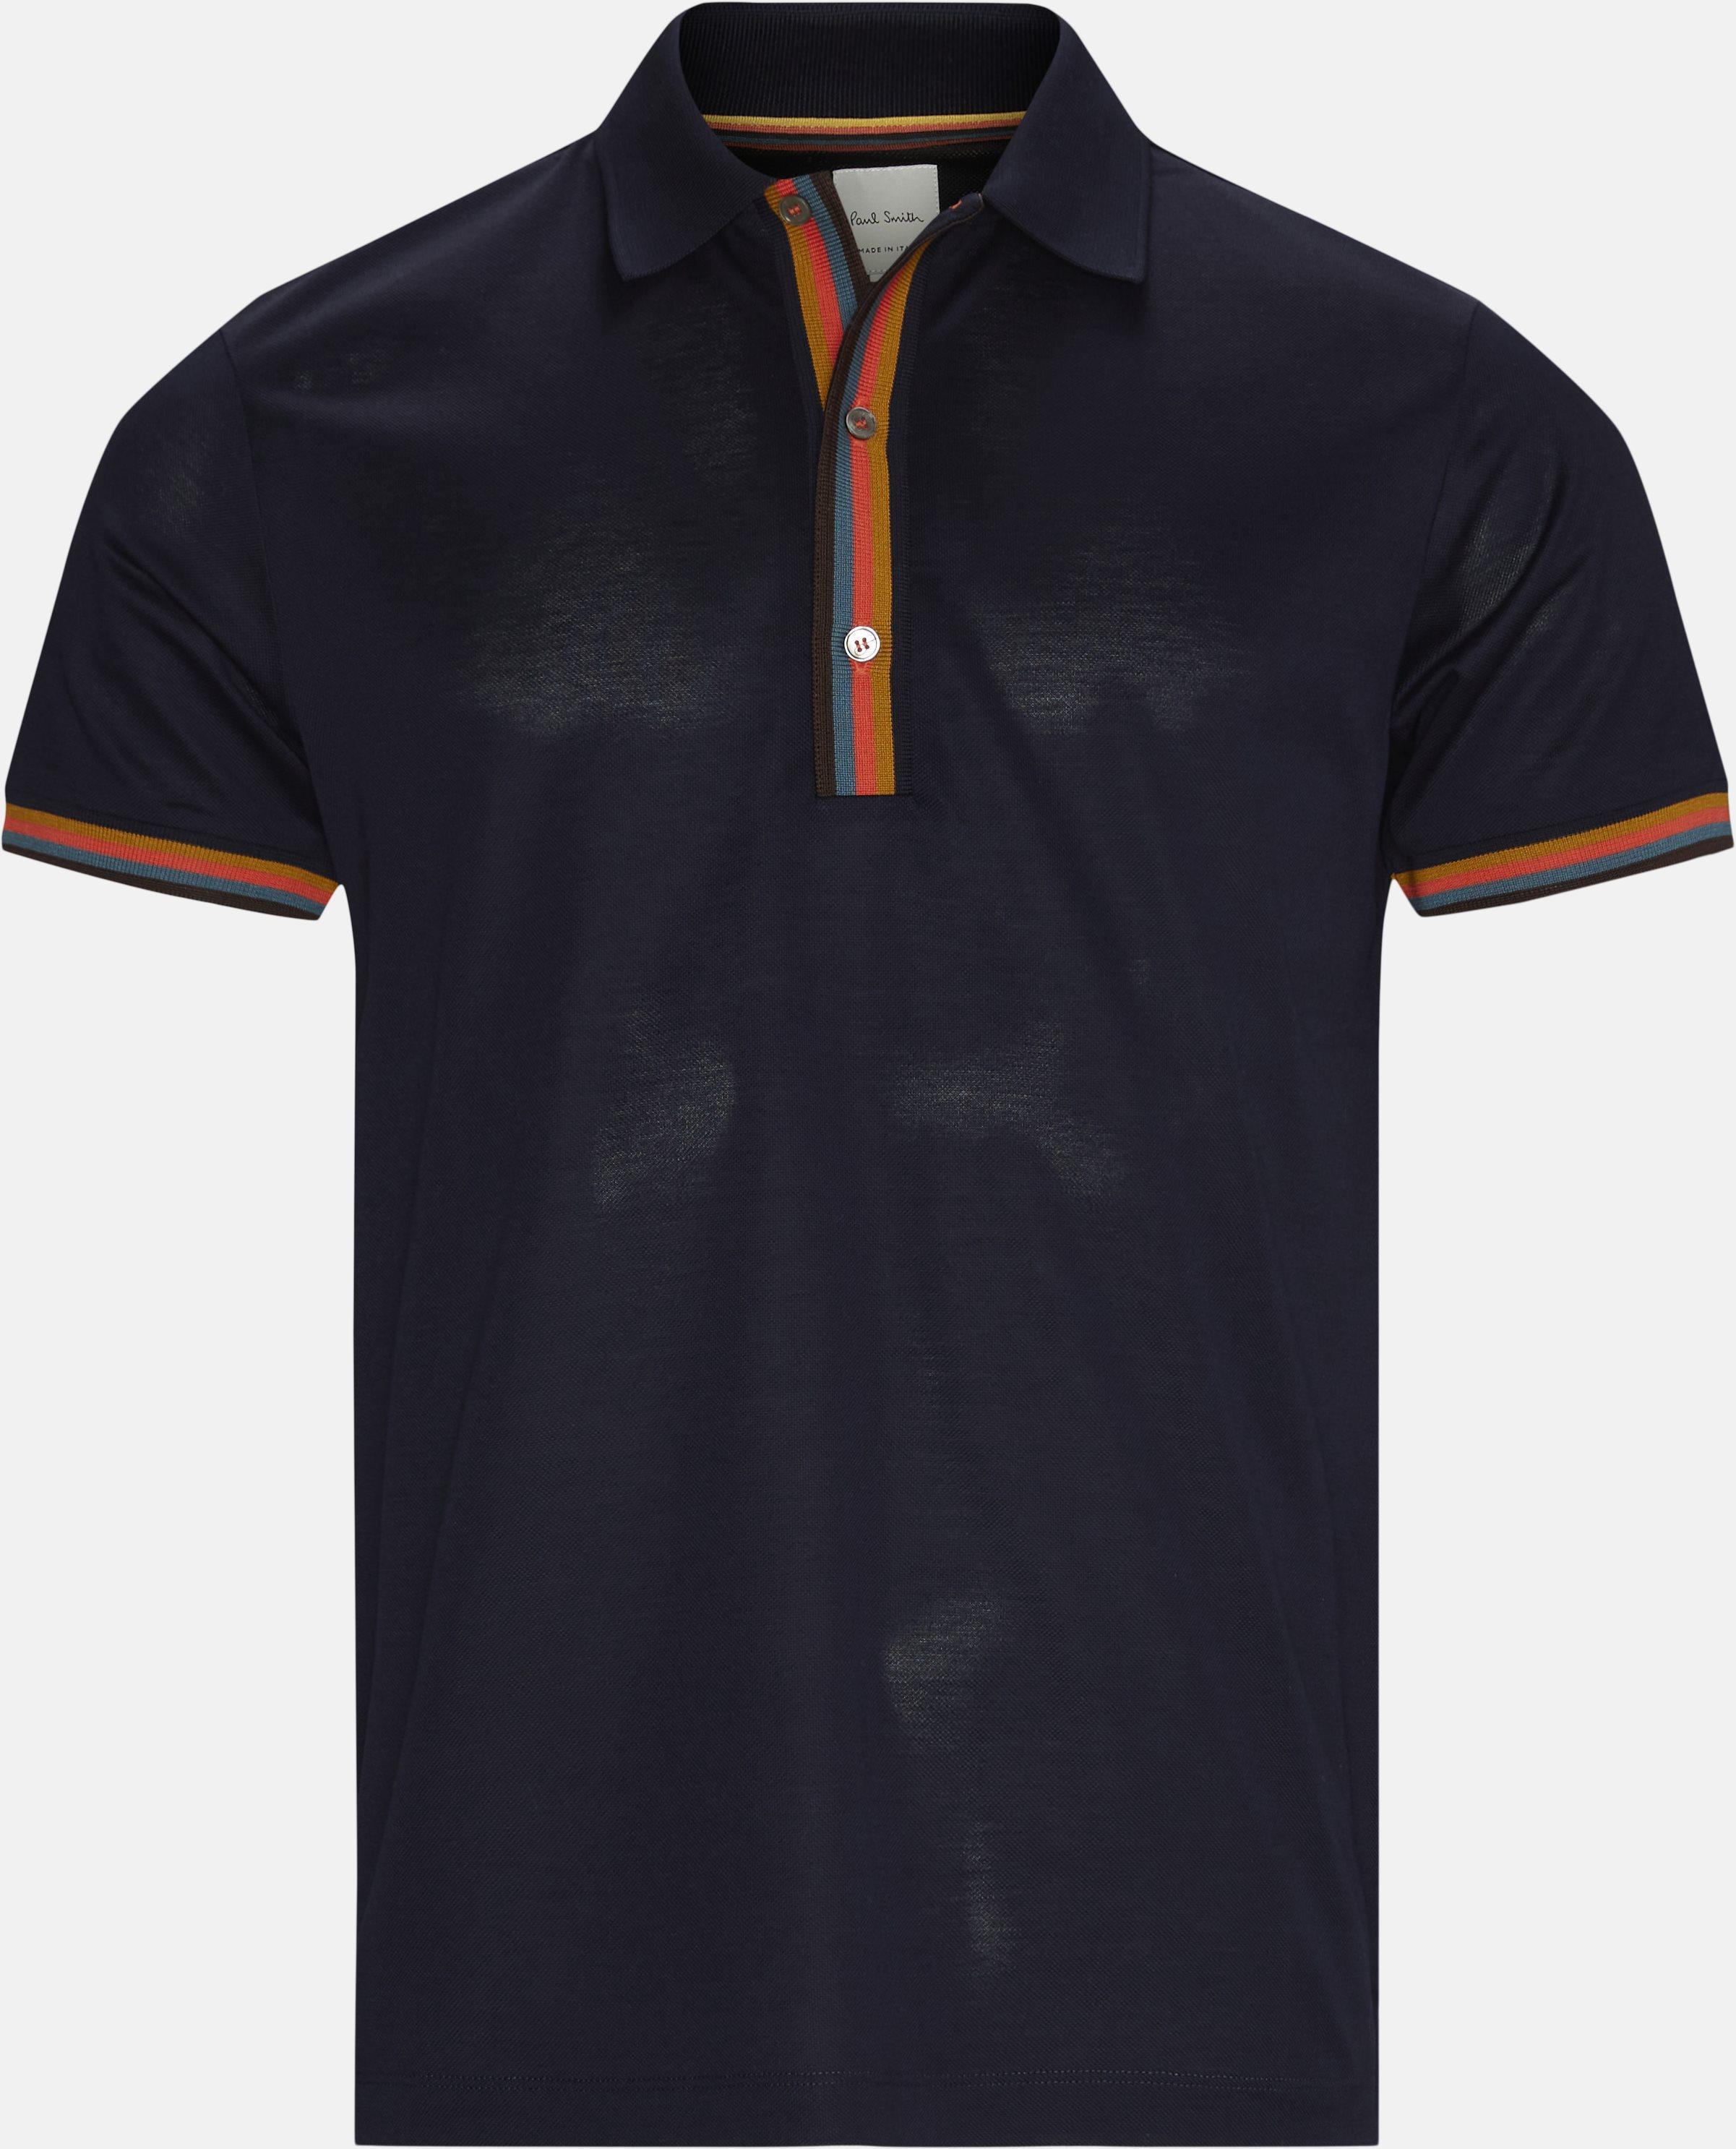 Polo T-shirt - T-shirts - Regular fit - Blå